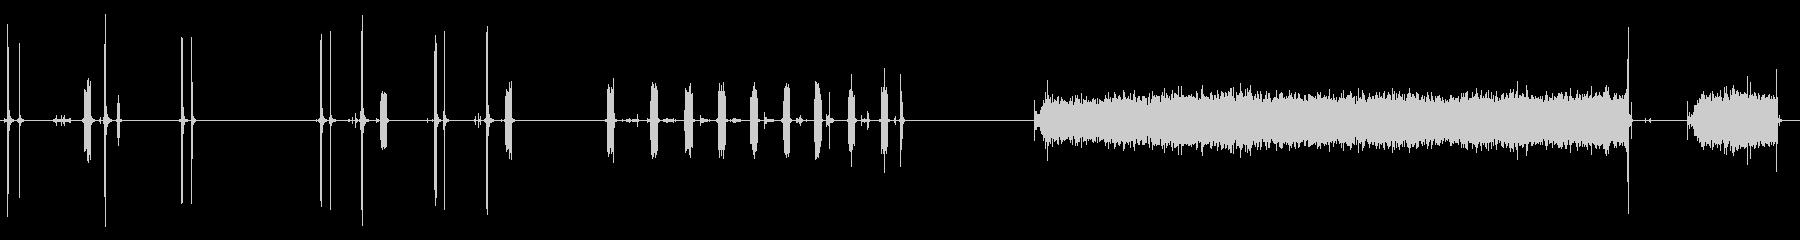 カメラ、インスタマティック、クリッ...の未再生の波形